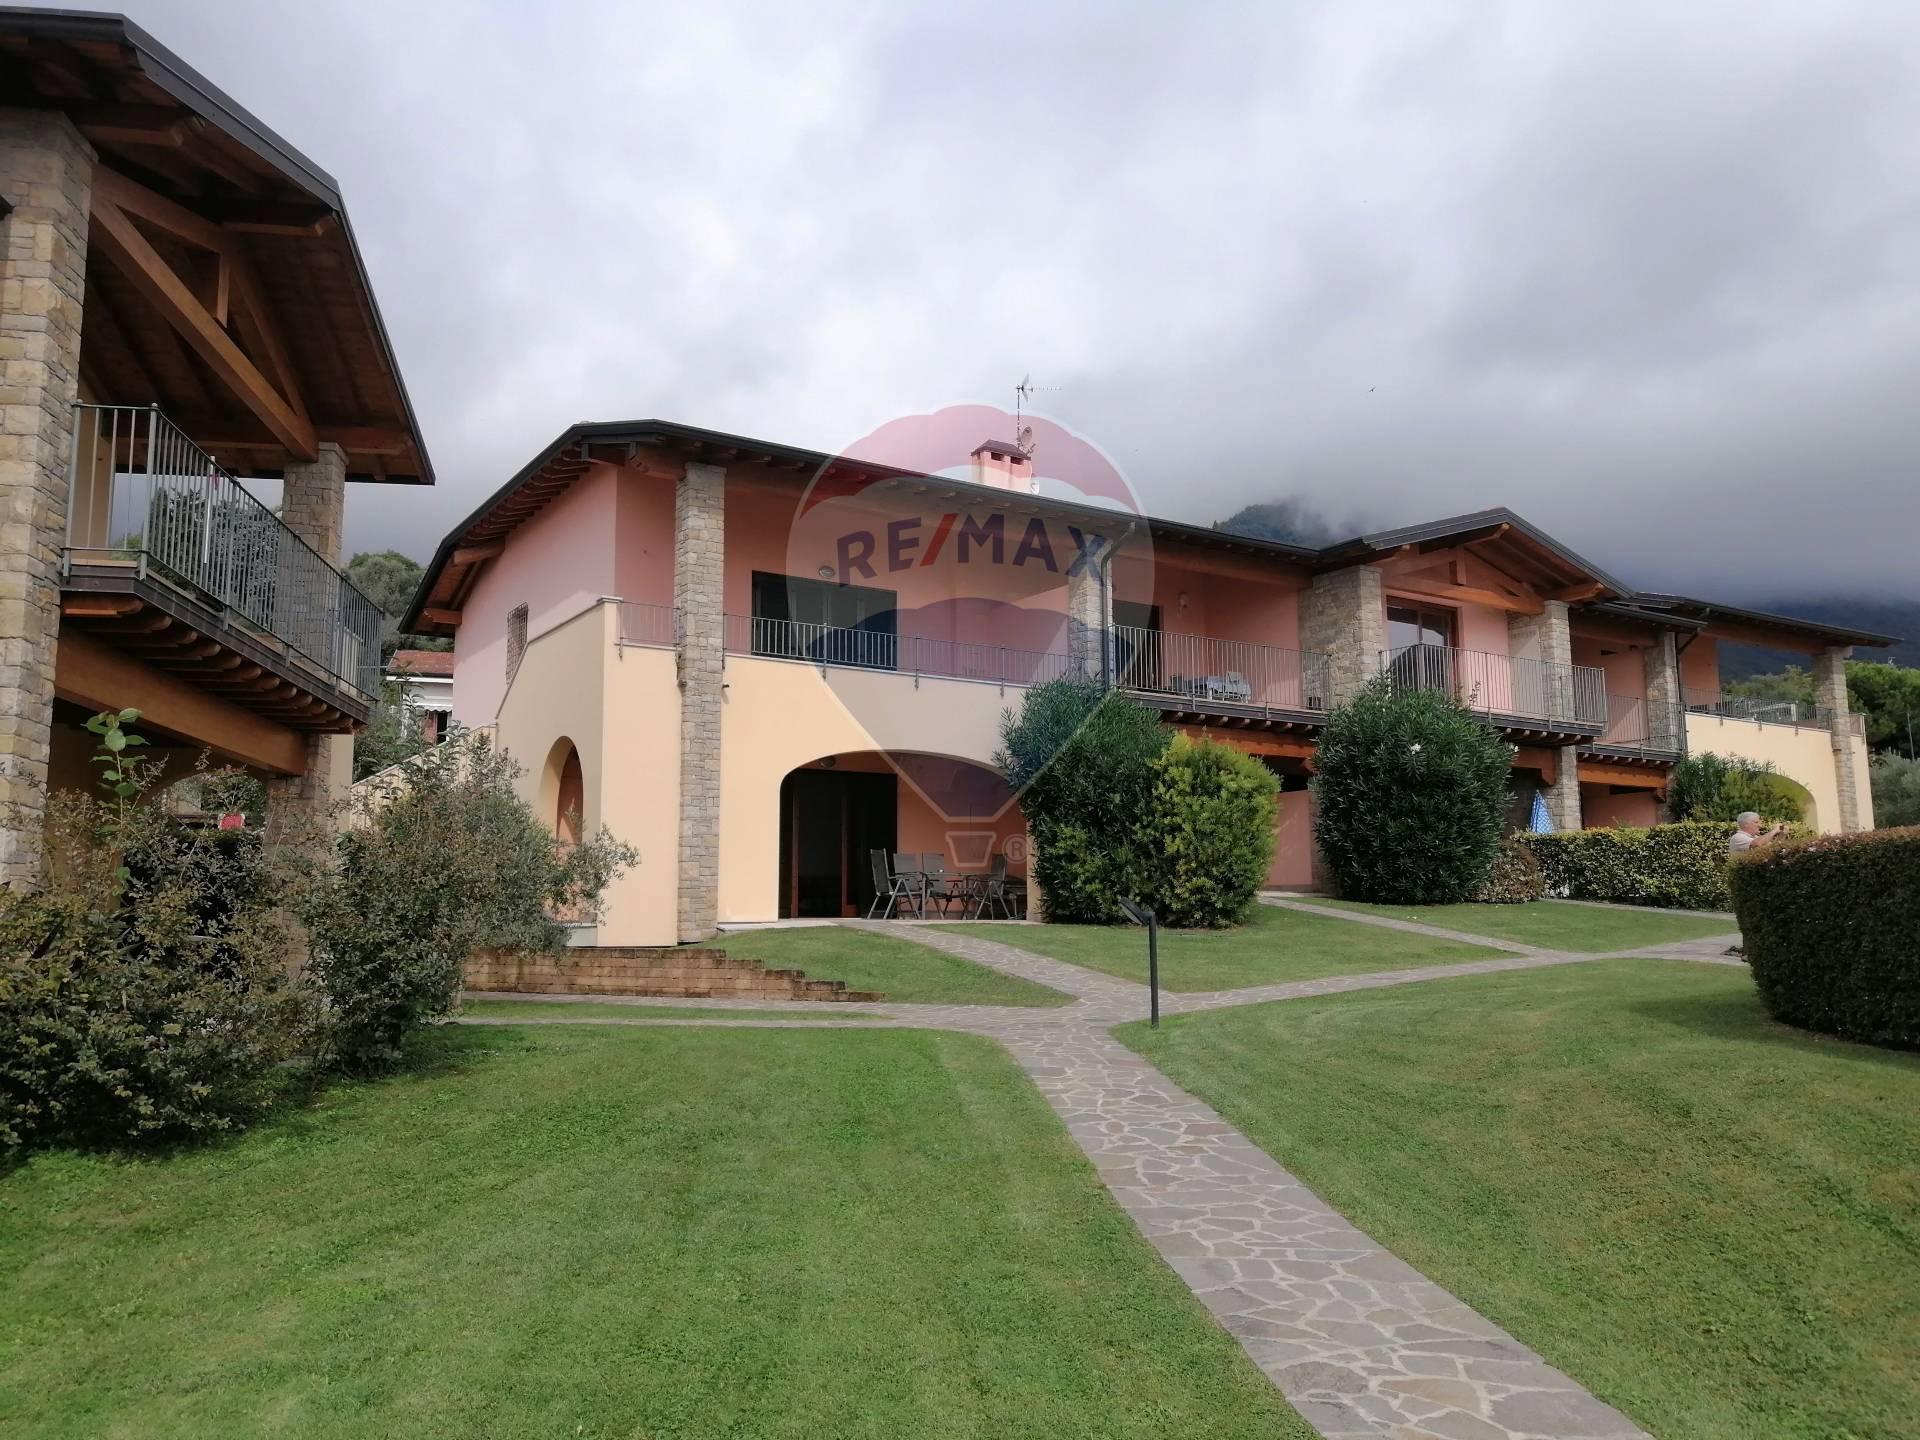 Appartamento in vendita a Toscolano-Maderno, 3 locali, zona Località: MonteMaderno, prezzo € 336.000 | CambioCasa.it